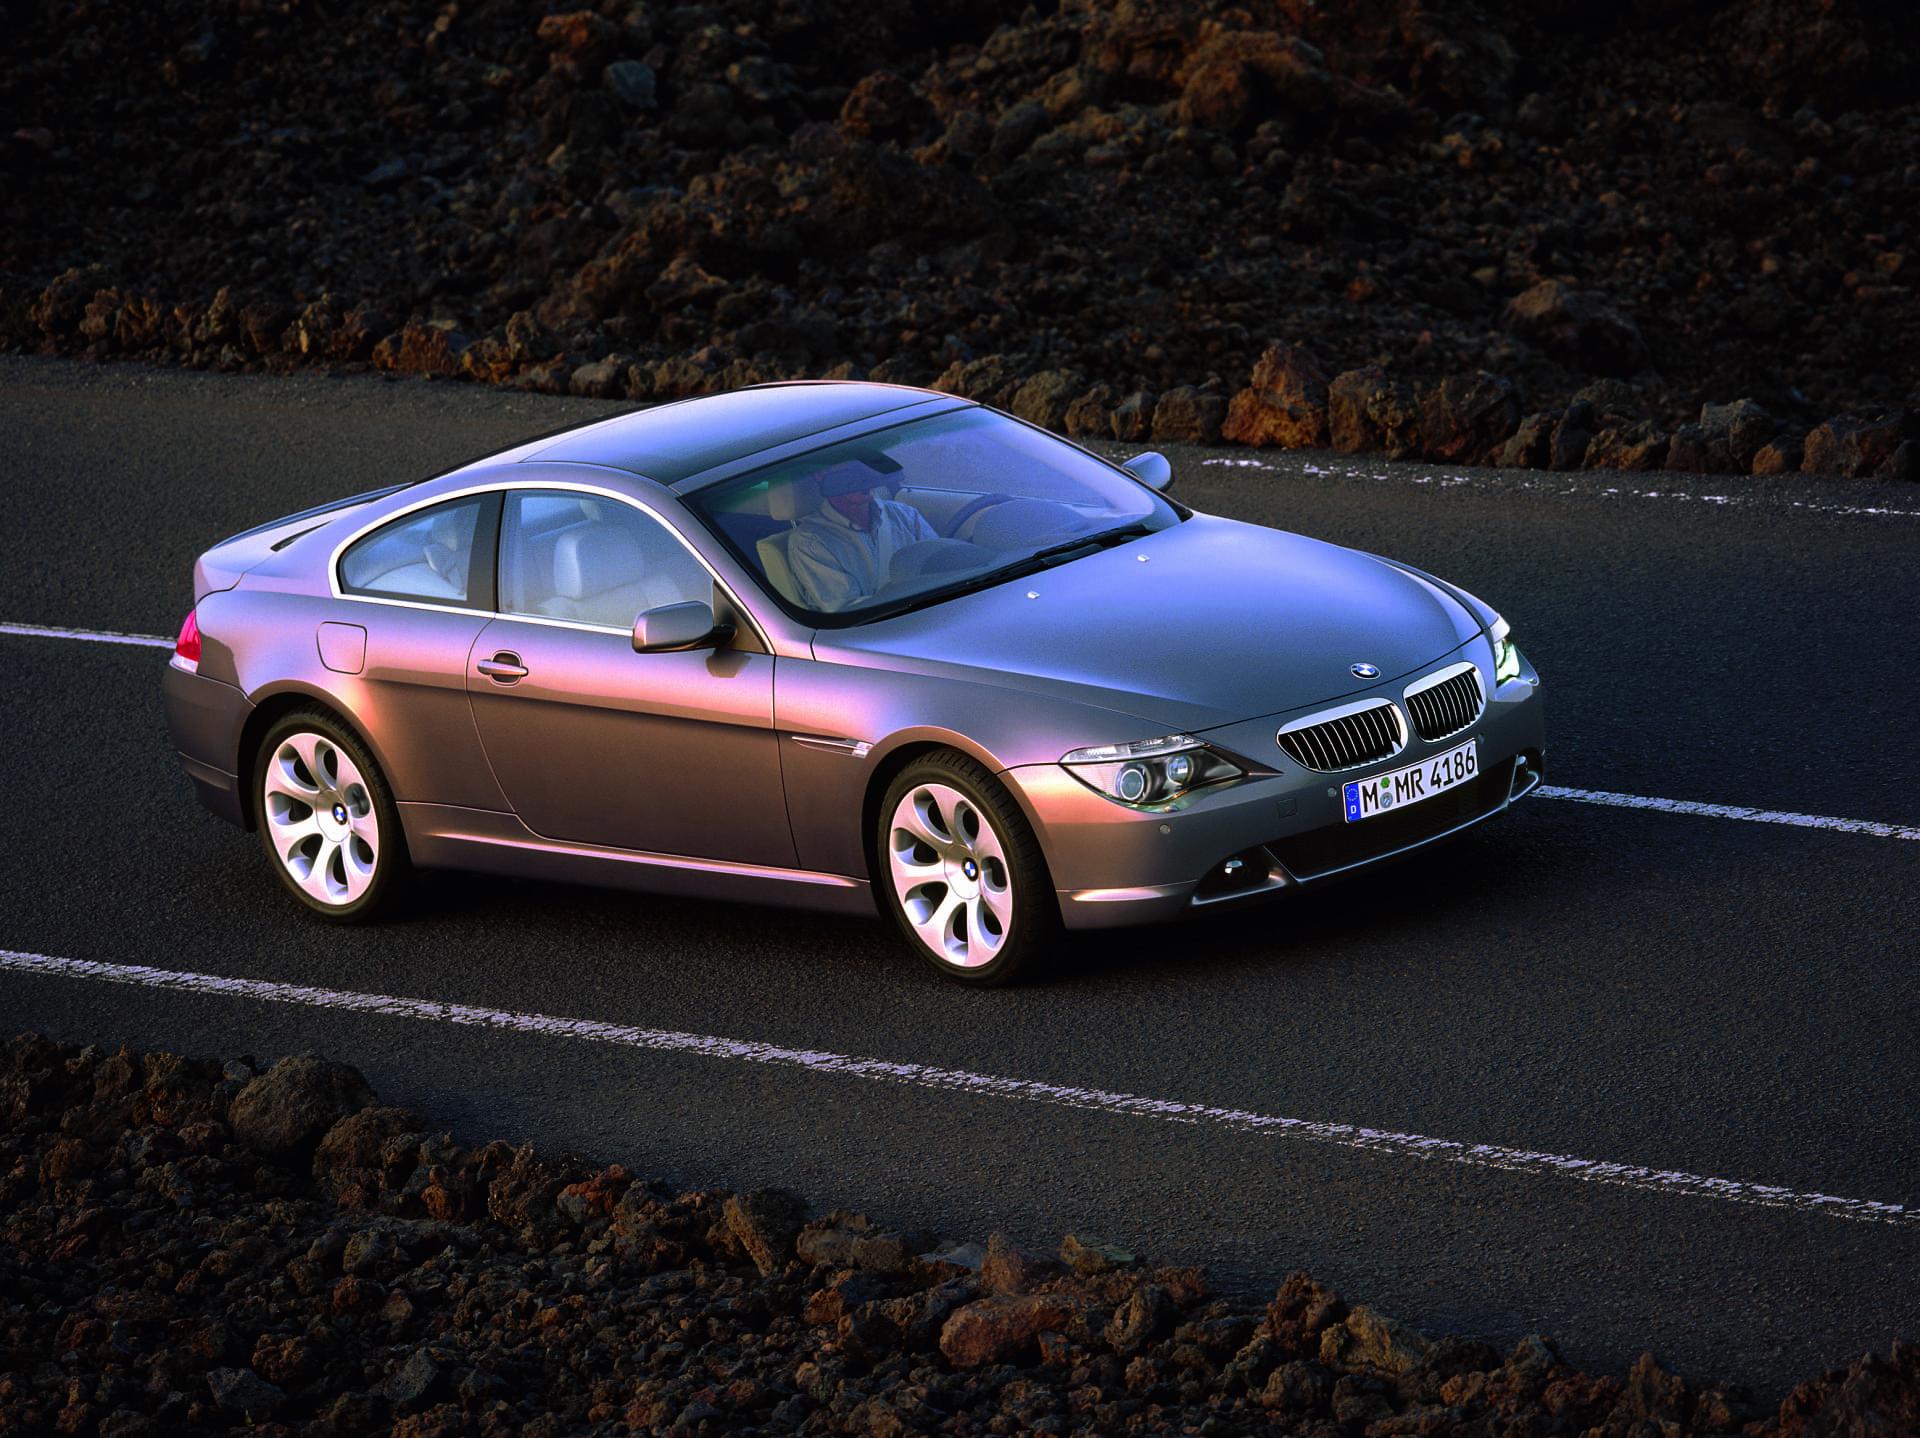 2004 Bmw Serie 6 E63 2